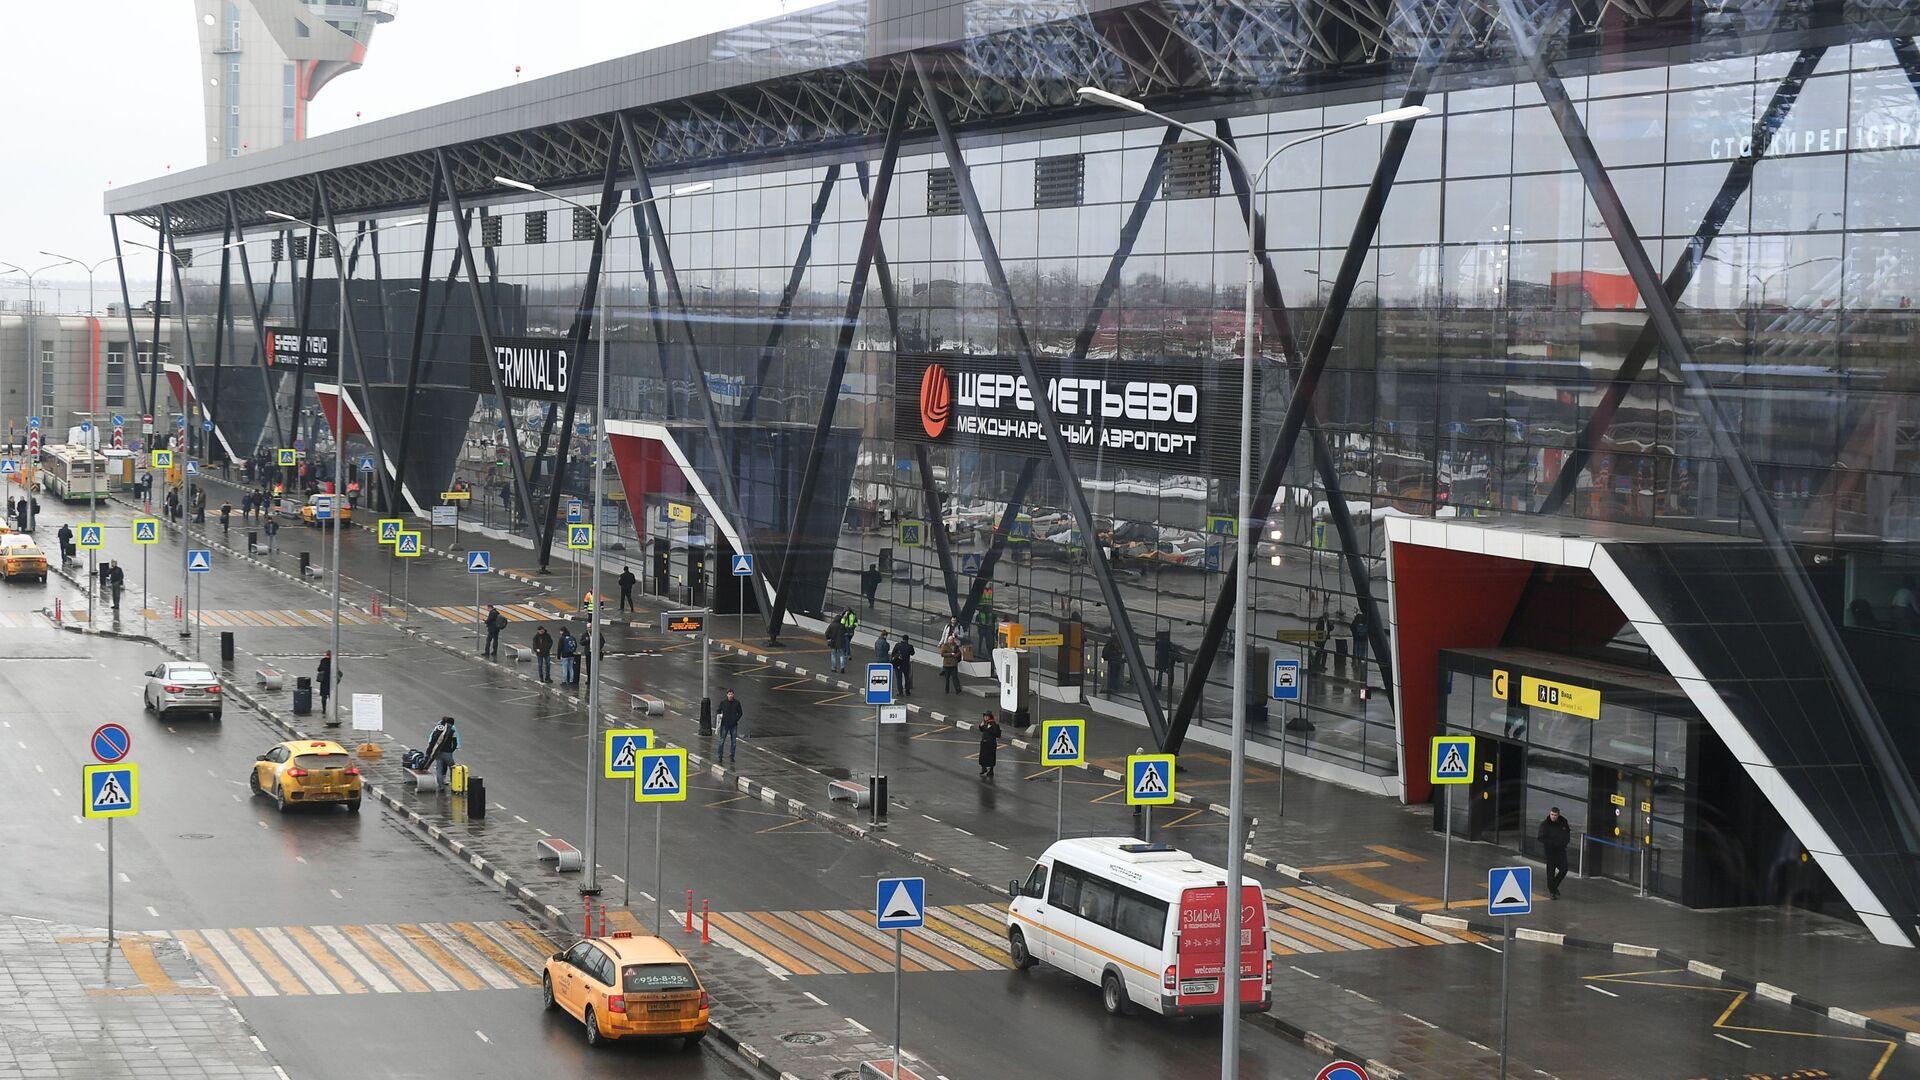 Терминал B международного аэропорта Шереметьево в Москве - РИА Новости, 1920, 21.01.2021